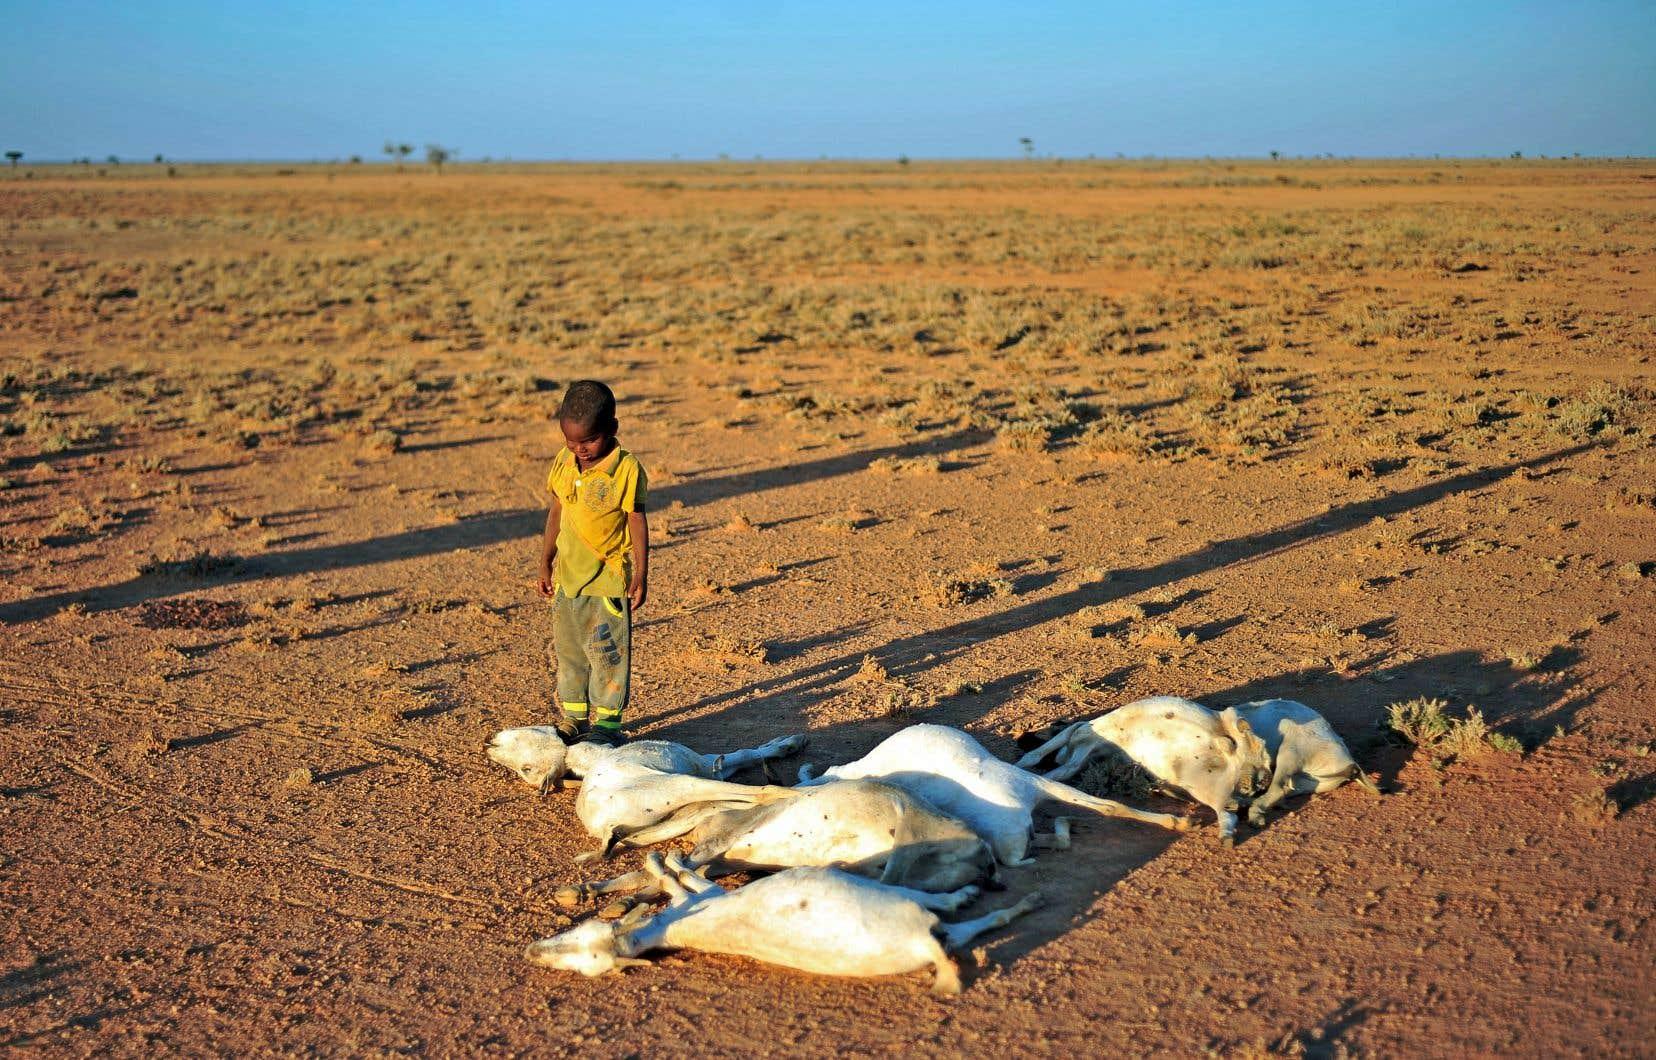 Une période de sécheresse en Somalie, en 2016, a grièvement affecté les troupeaux.